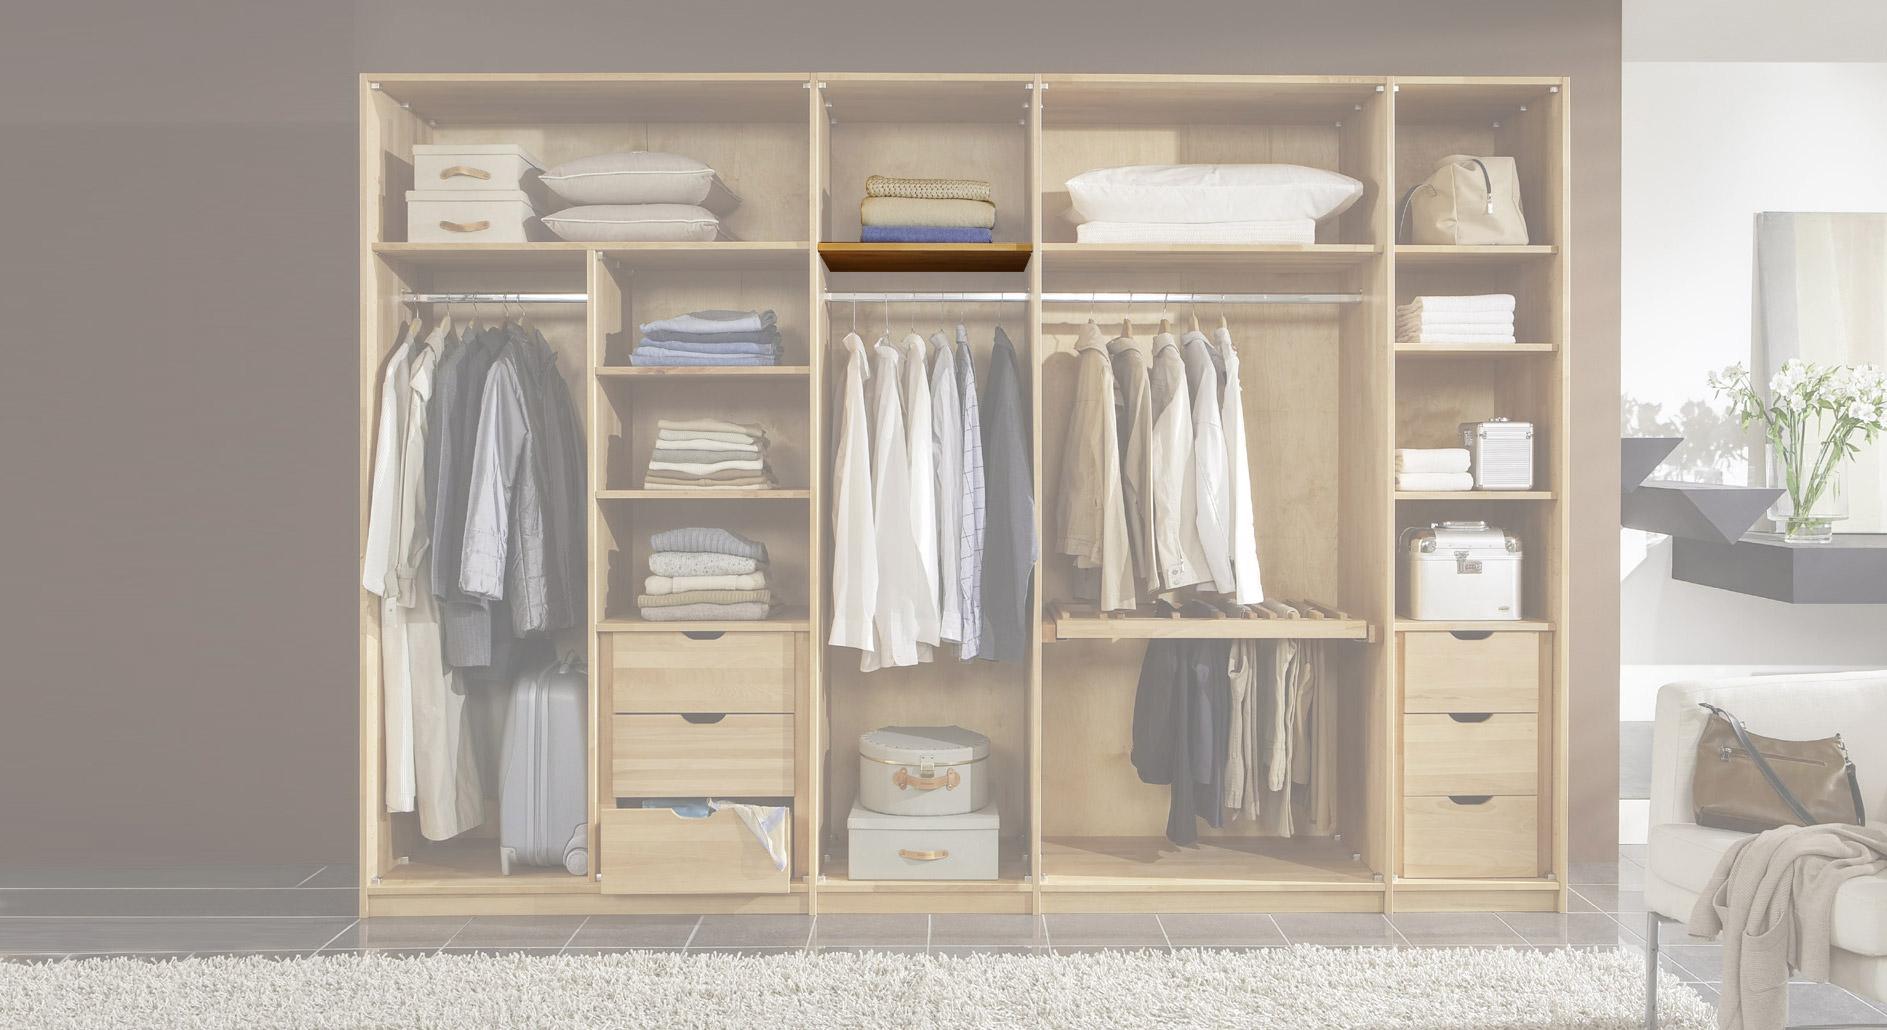 Kleiderschrank-Zubehör schmaler Fachboden